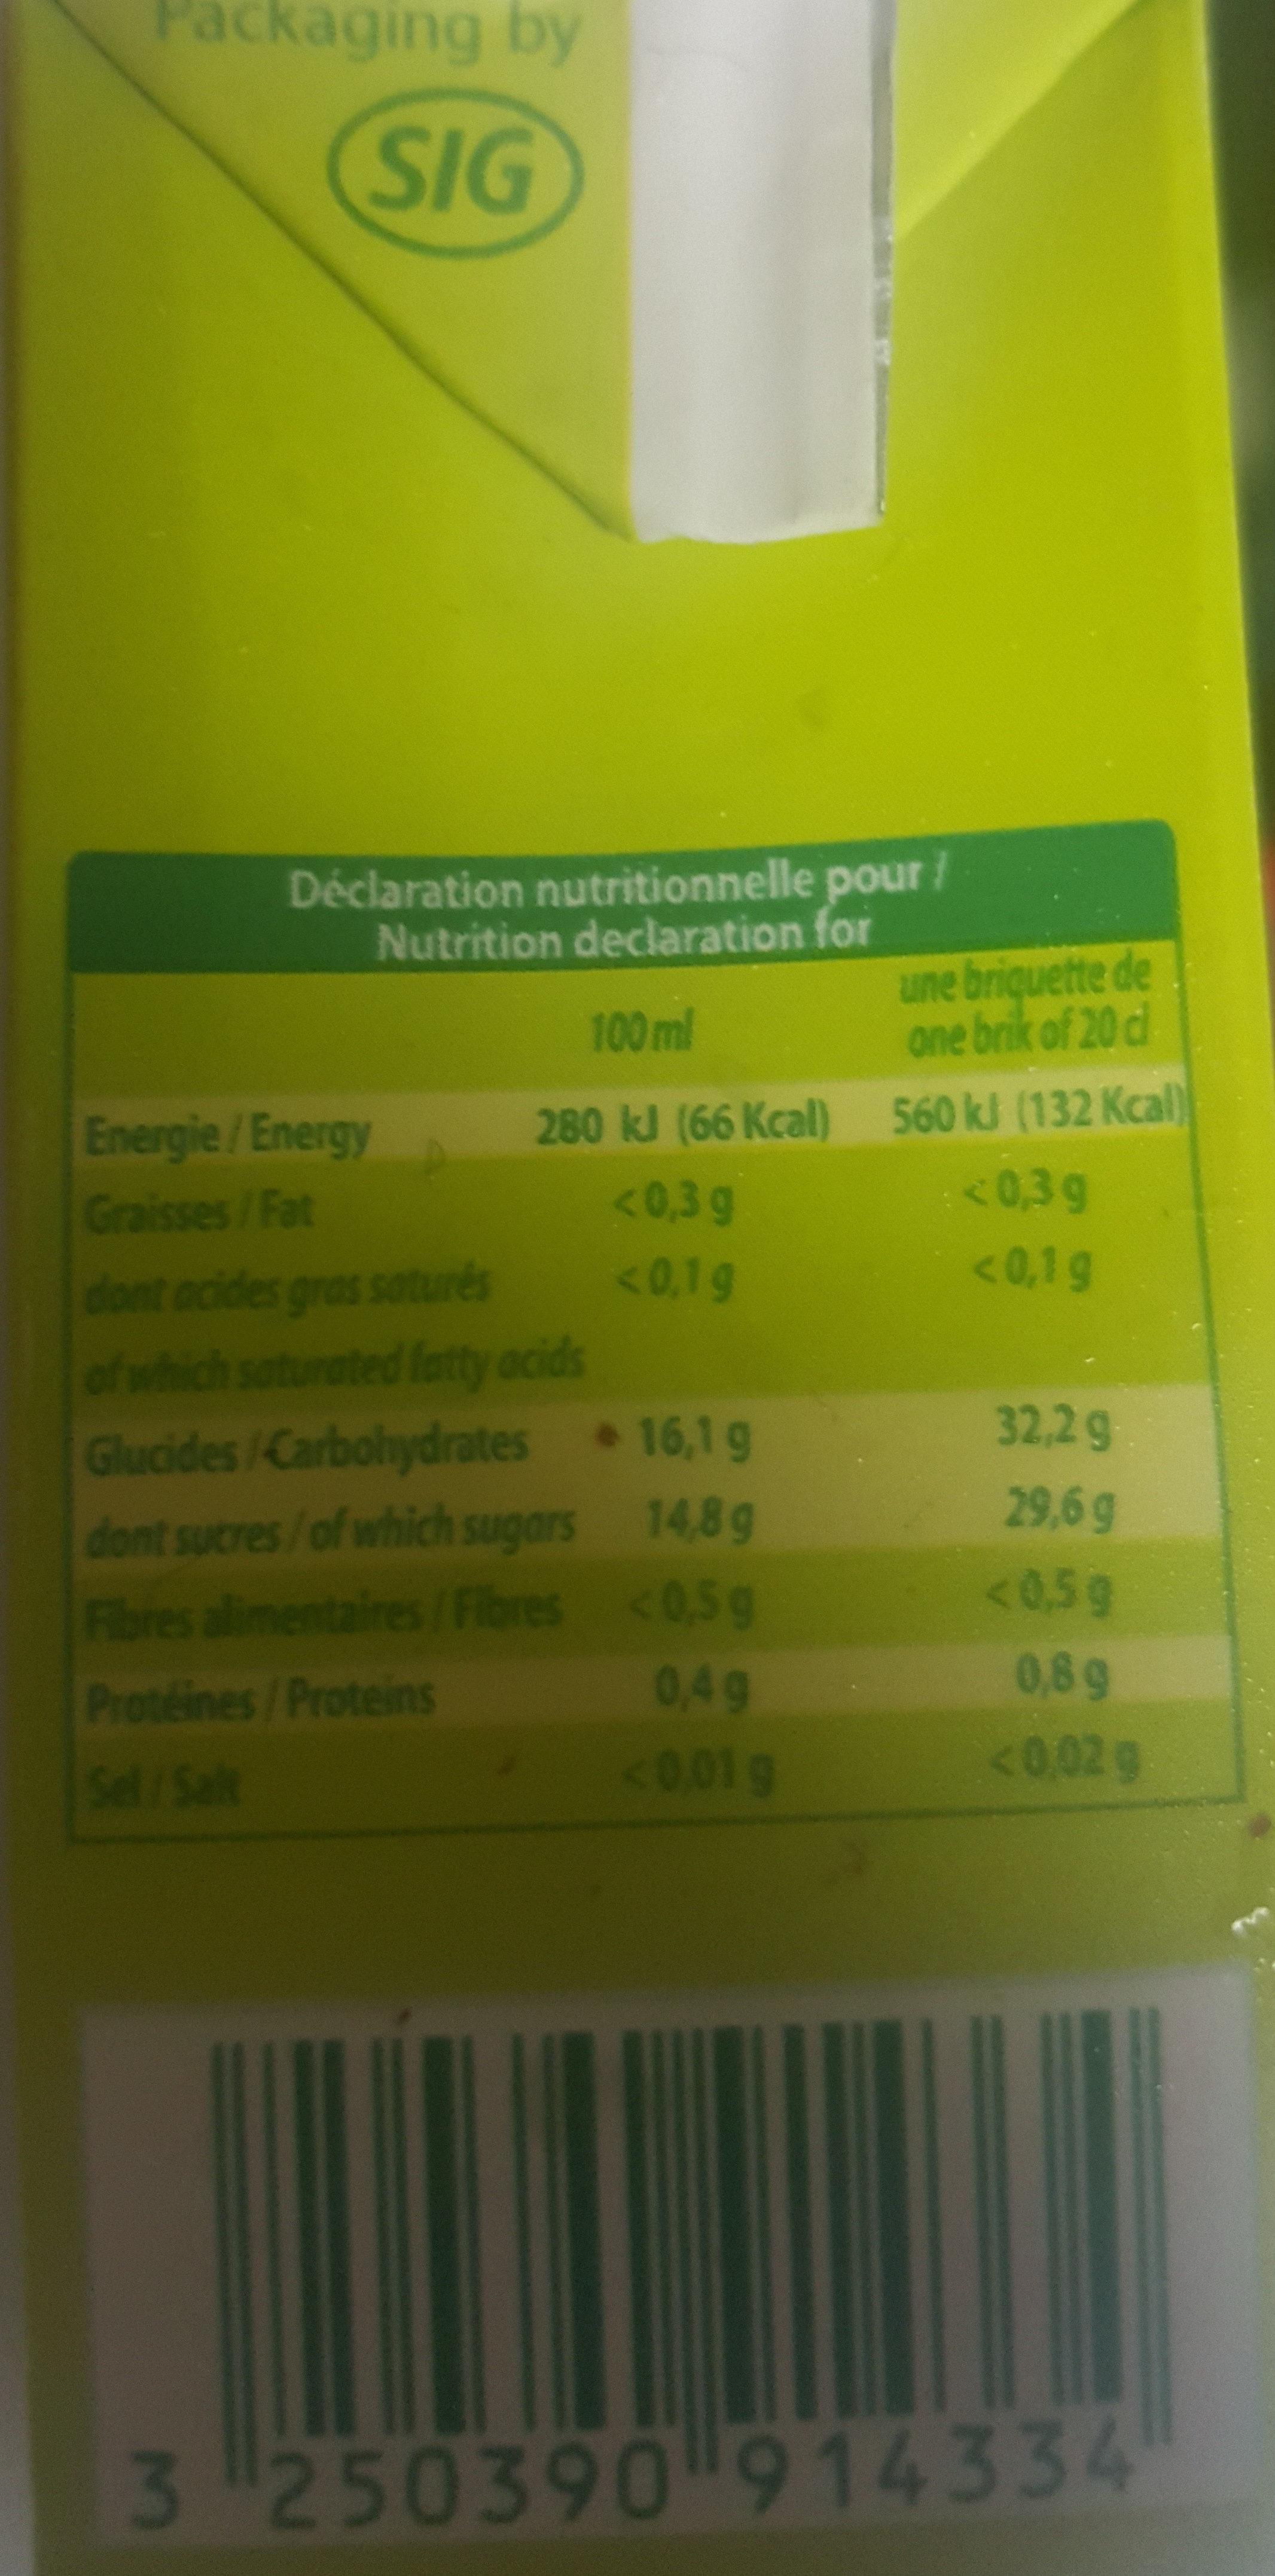 jus de raisin - Informations nutritionnelles - fr